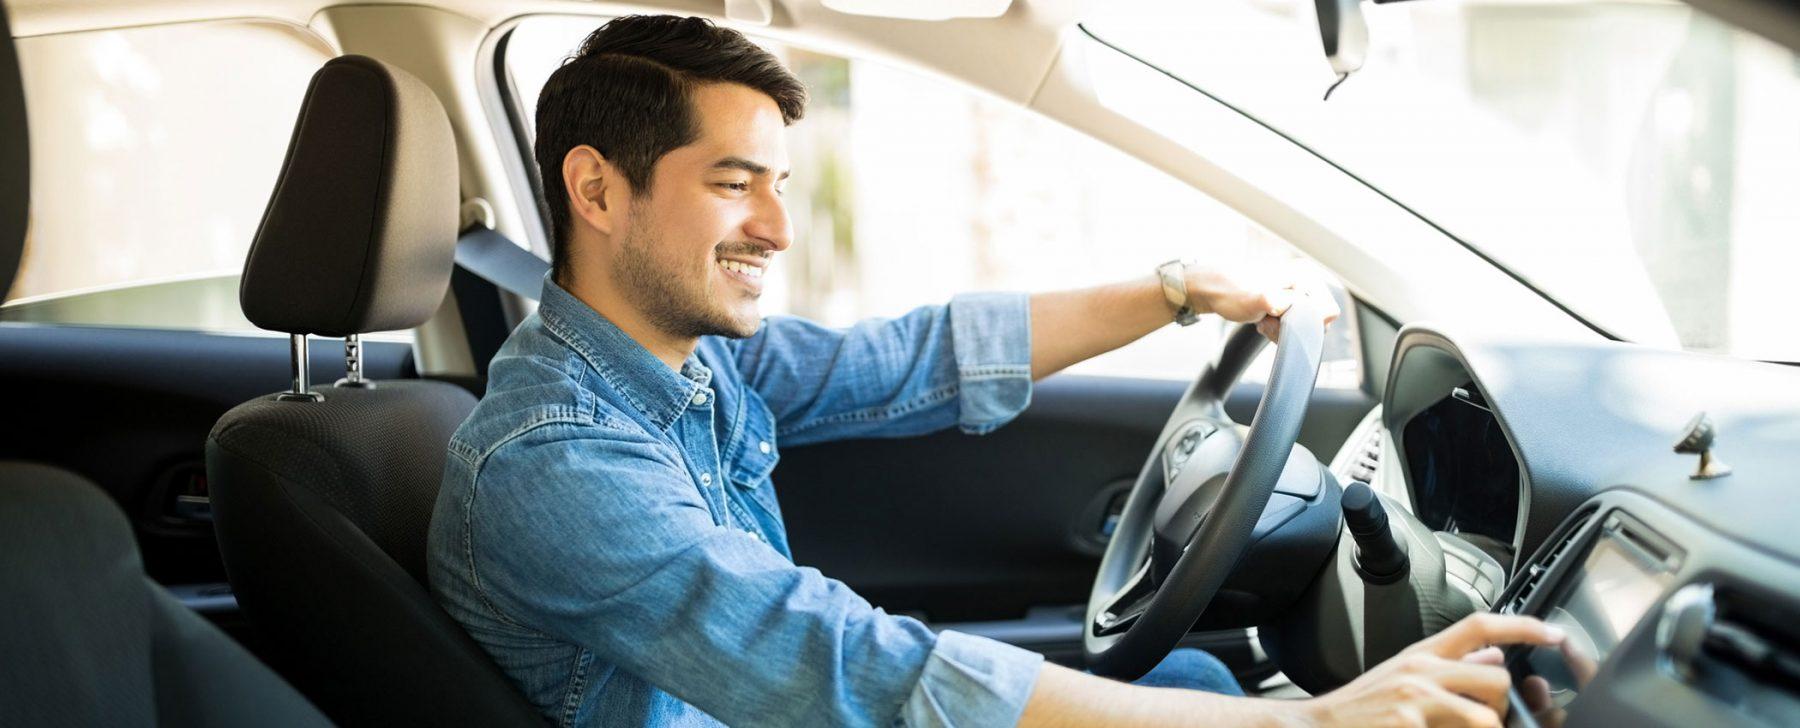 Informe sobre la juventud al volante